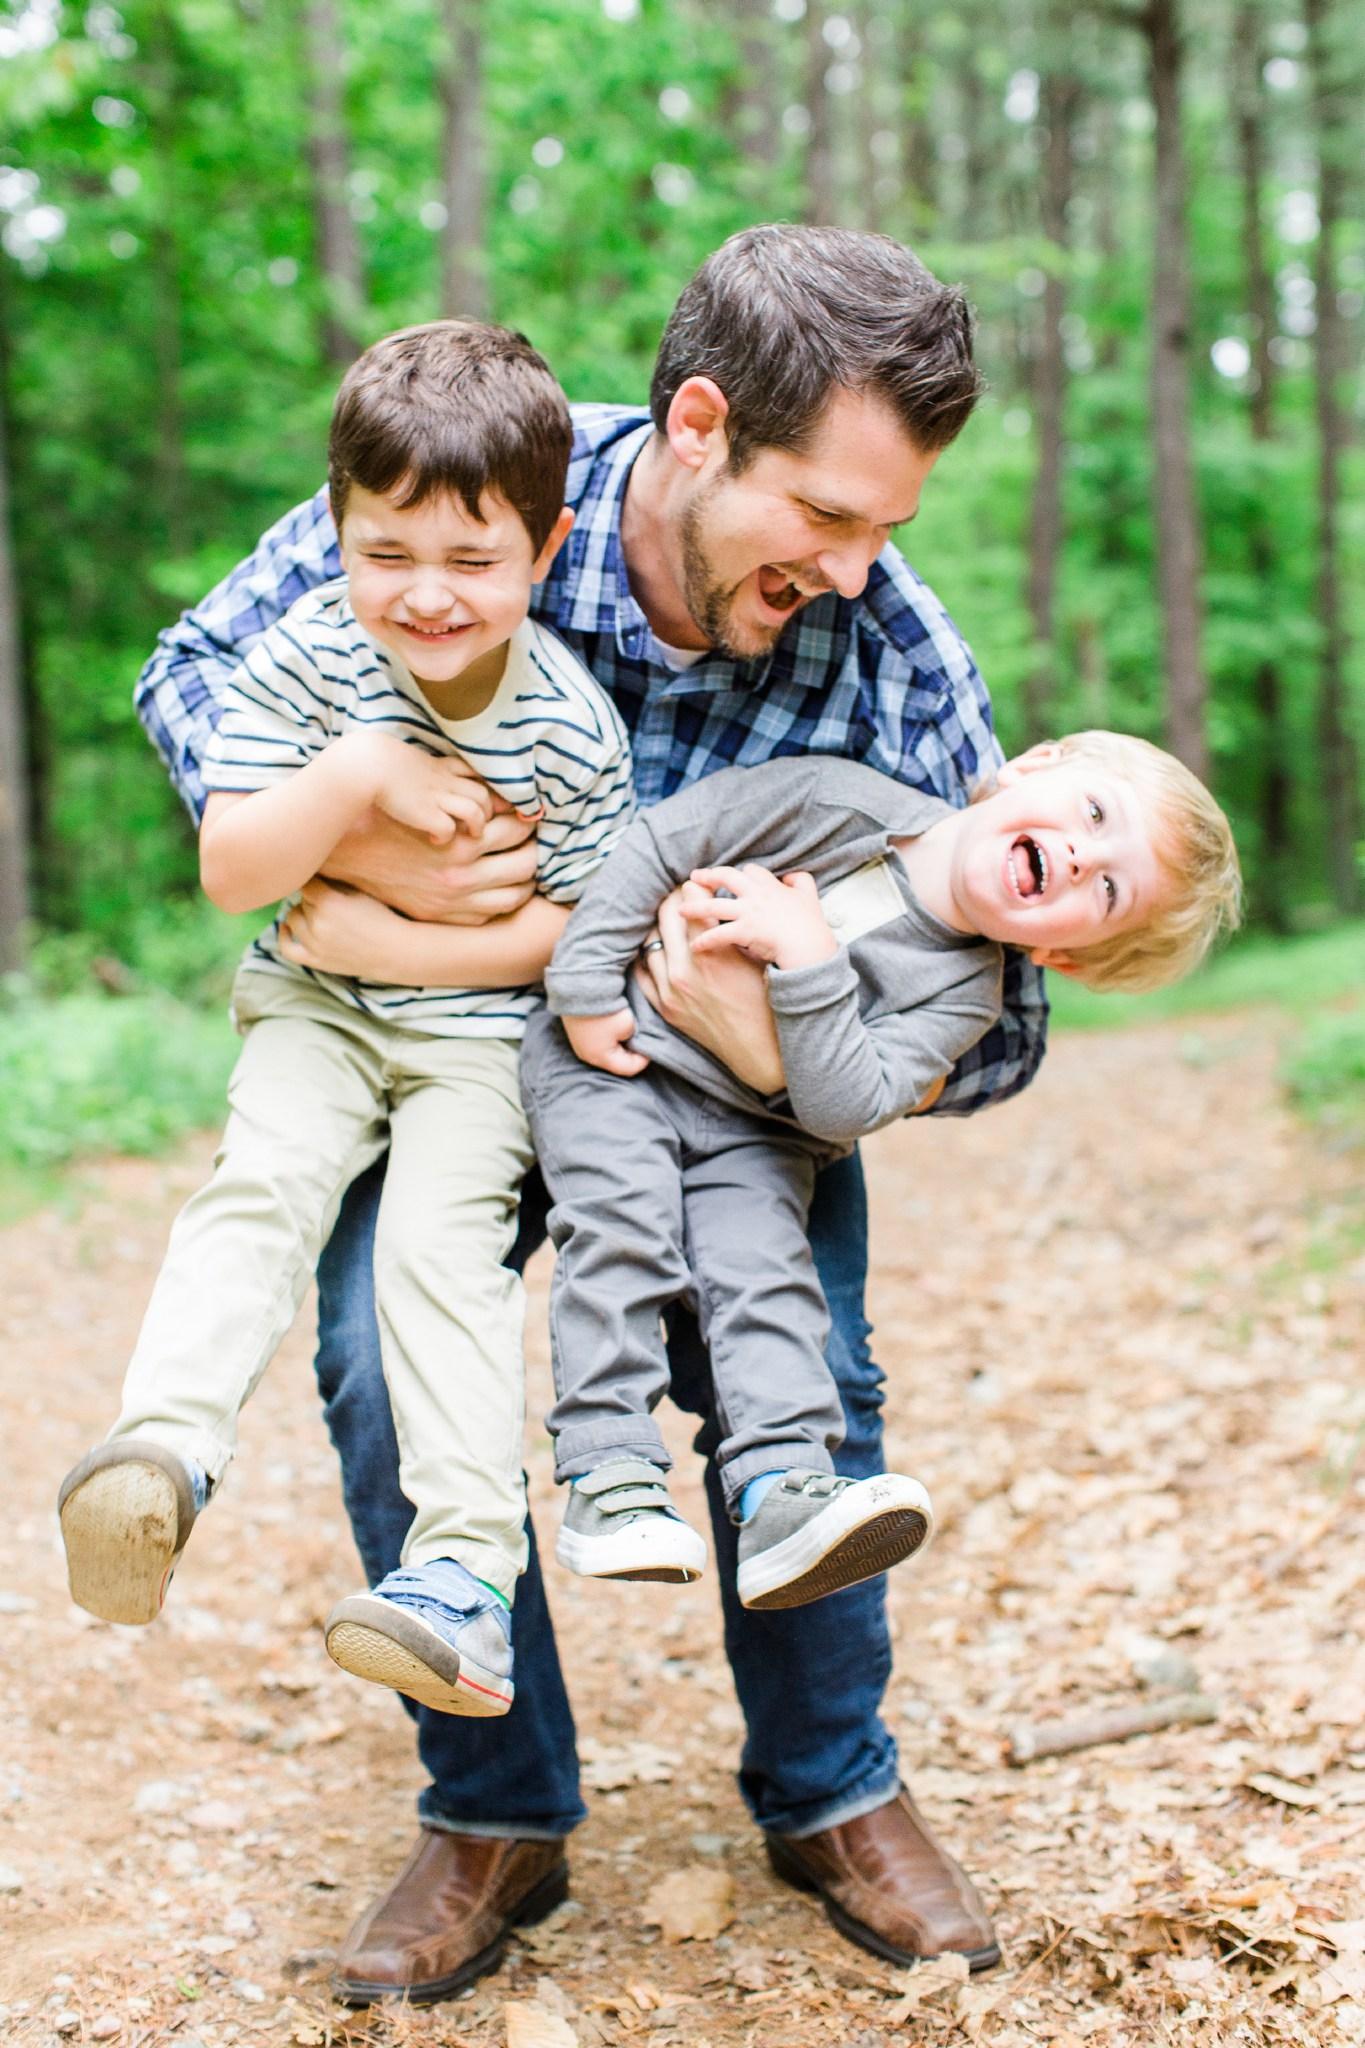 debroah_zoe_photography_family_portraits_boston_00031.JPG